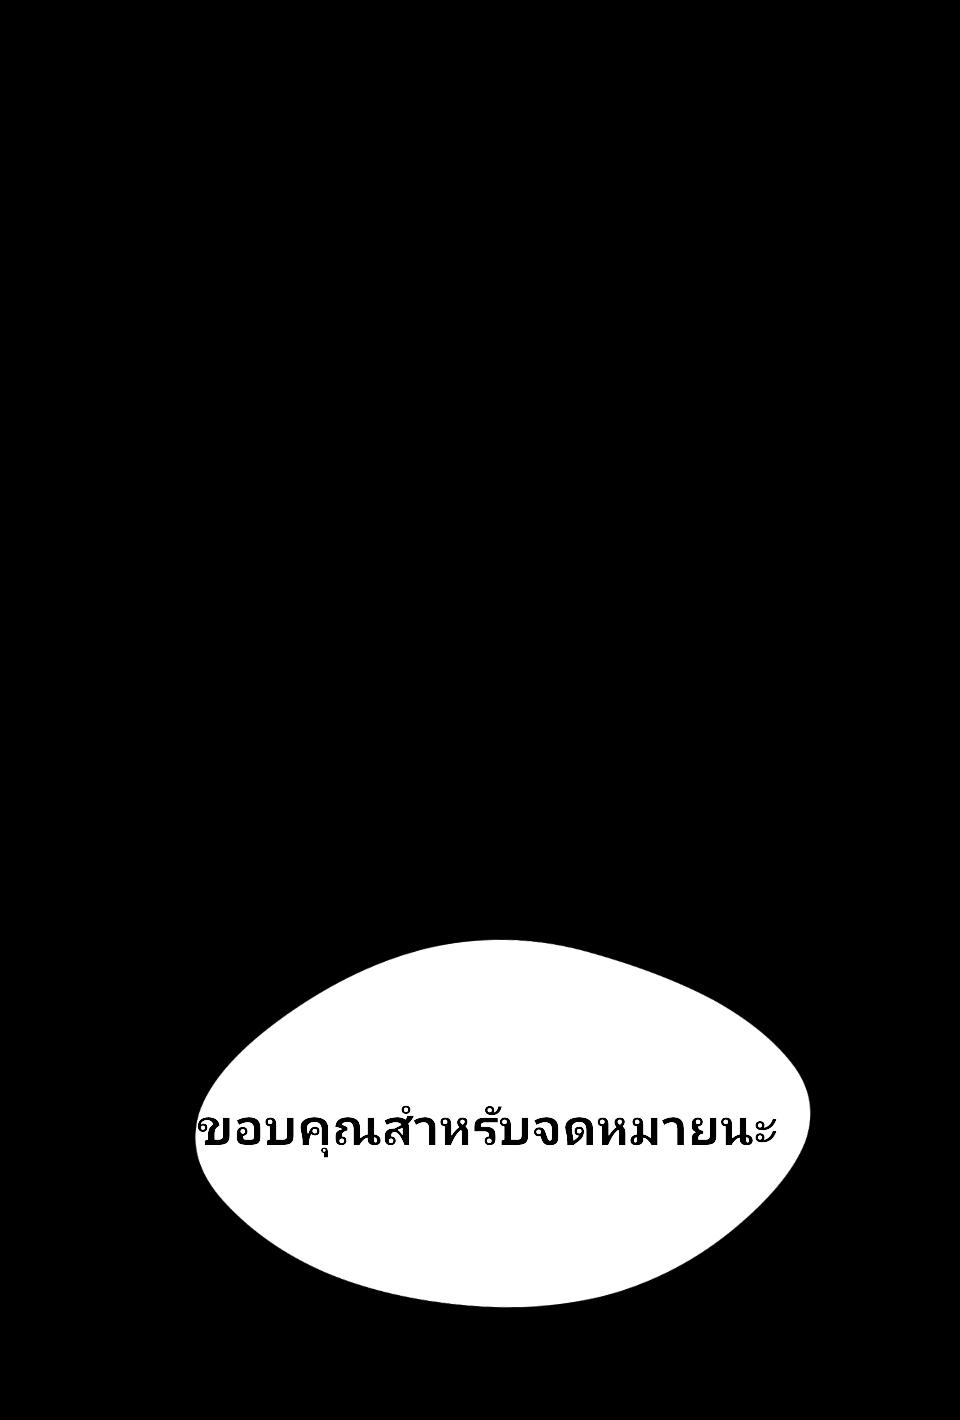 ตอนที่3 - ไปหา......(1)